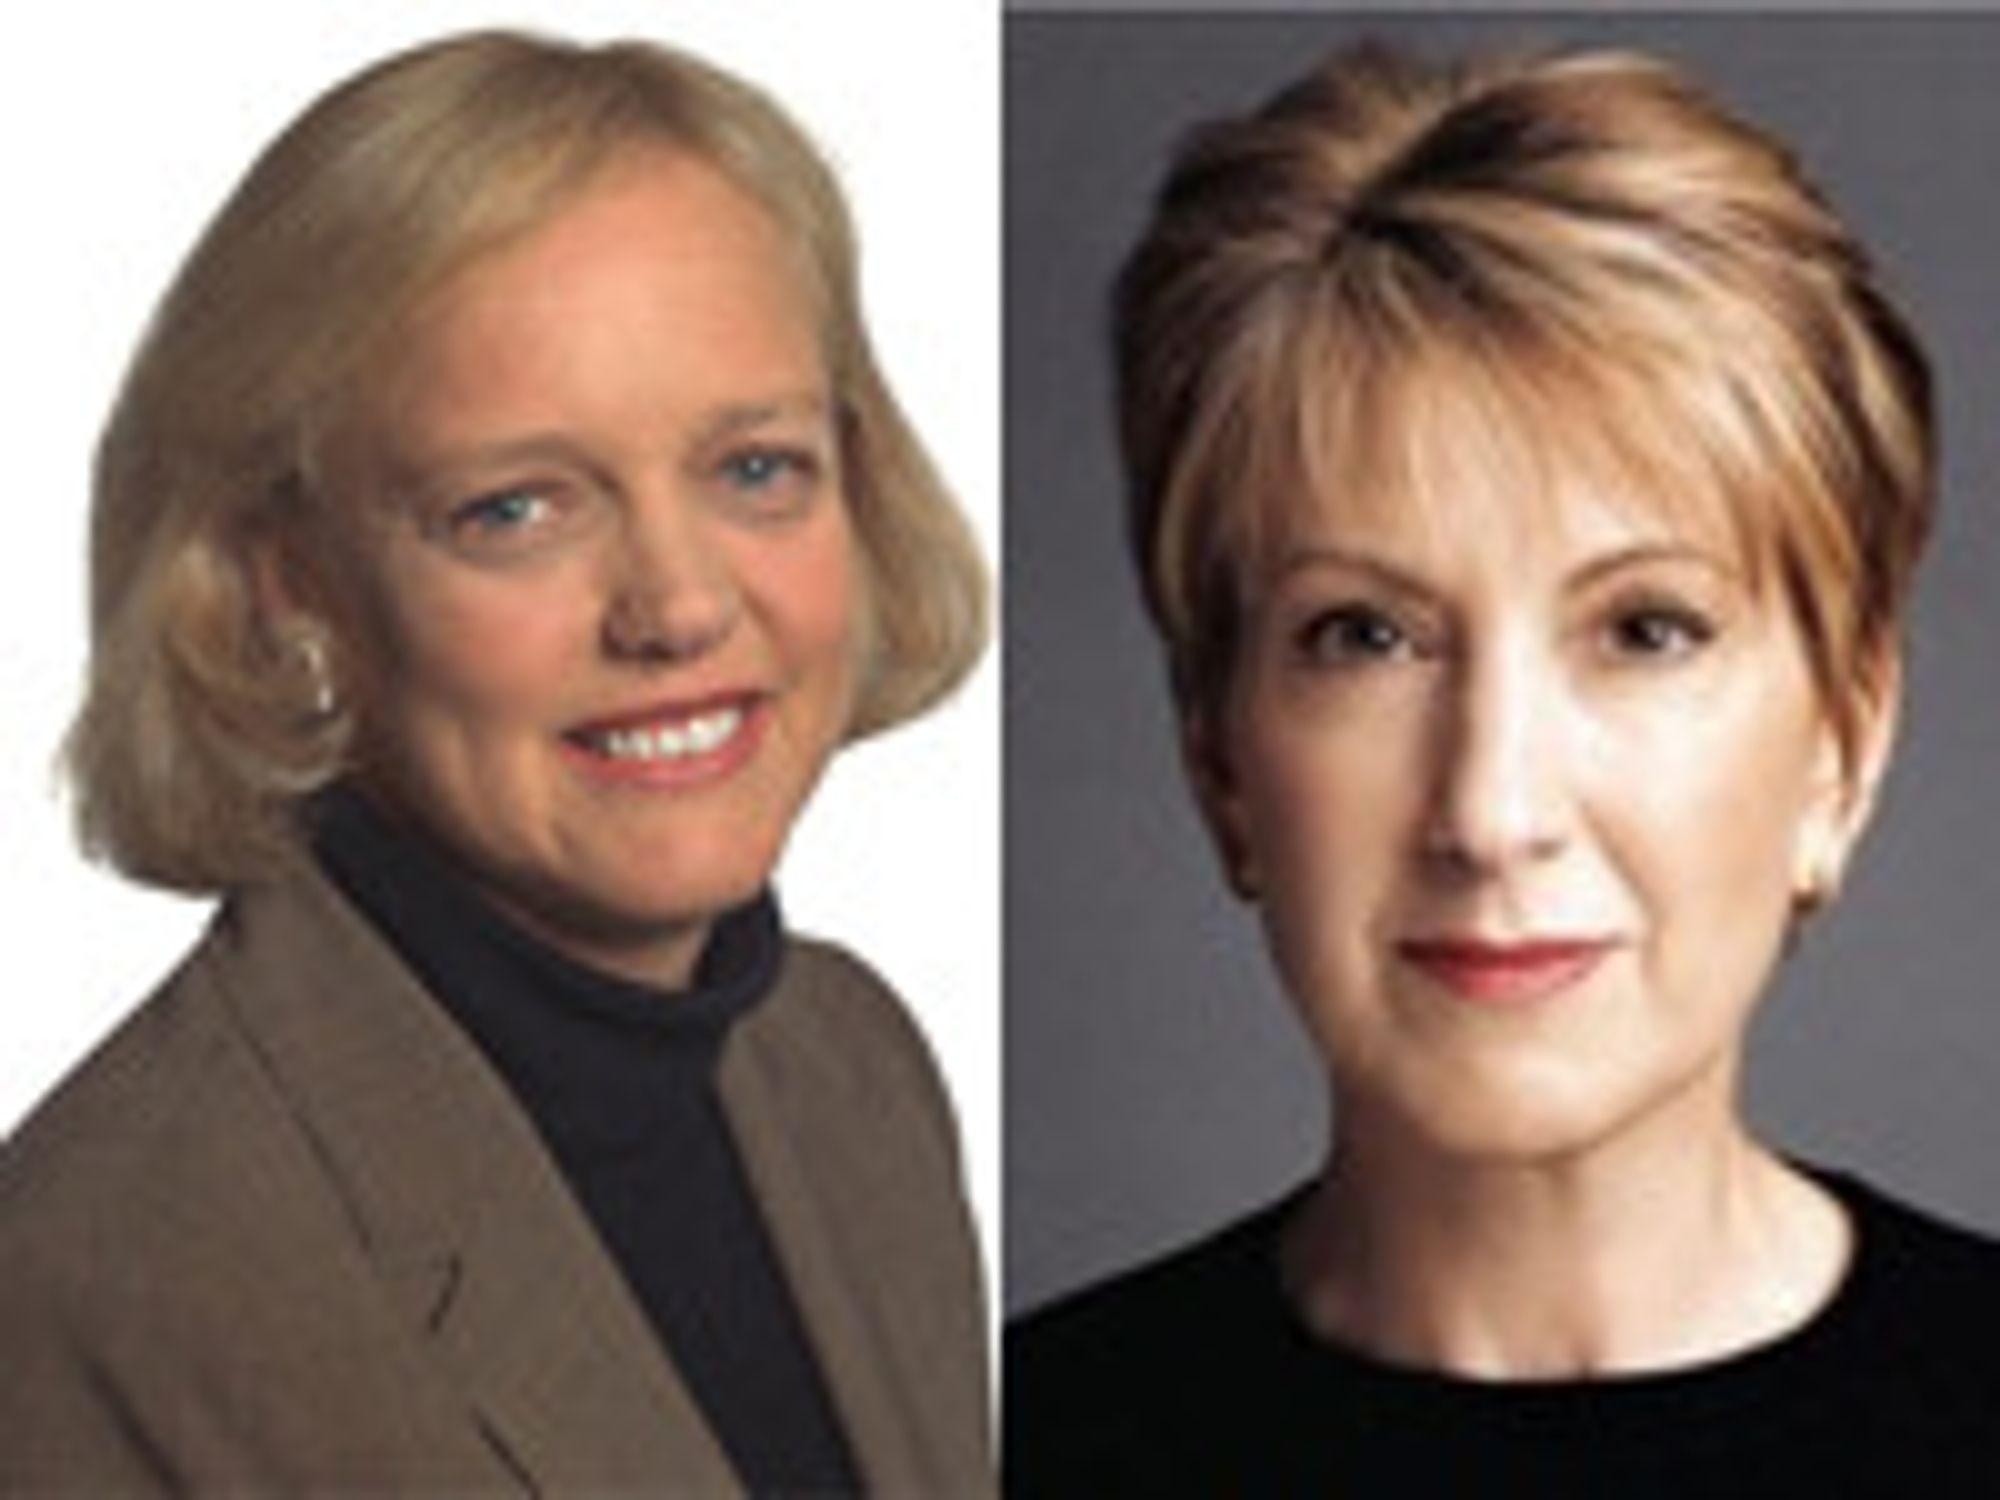 De har millioner (av dollar) bak seg når de skal sikre makt og innflytelse for det republikanske partiet: eBay-gründer Meg Whitman (til venstre) og tidligeere HP-topp Carly Fiorina.